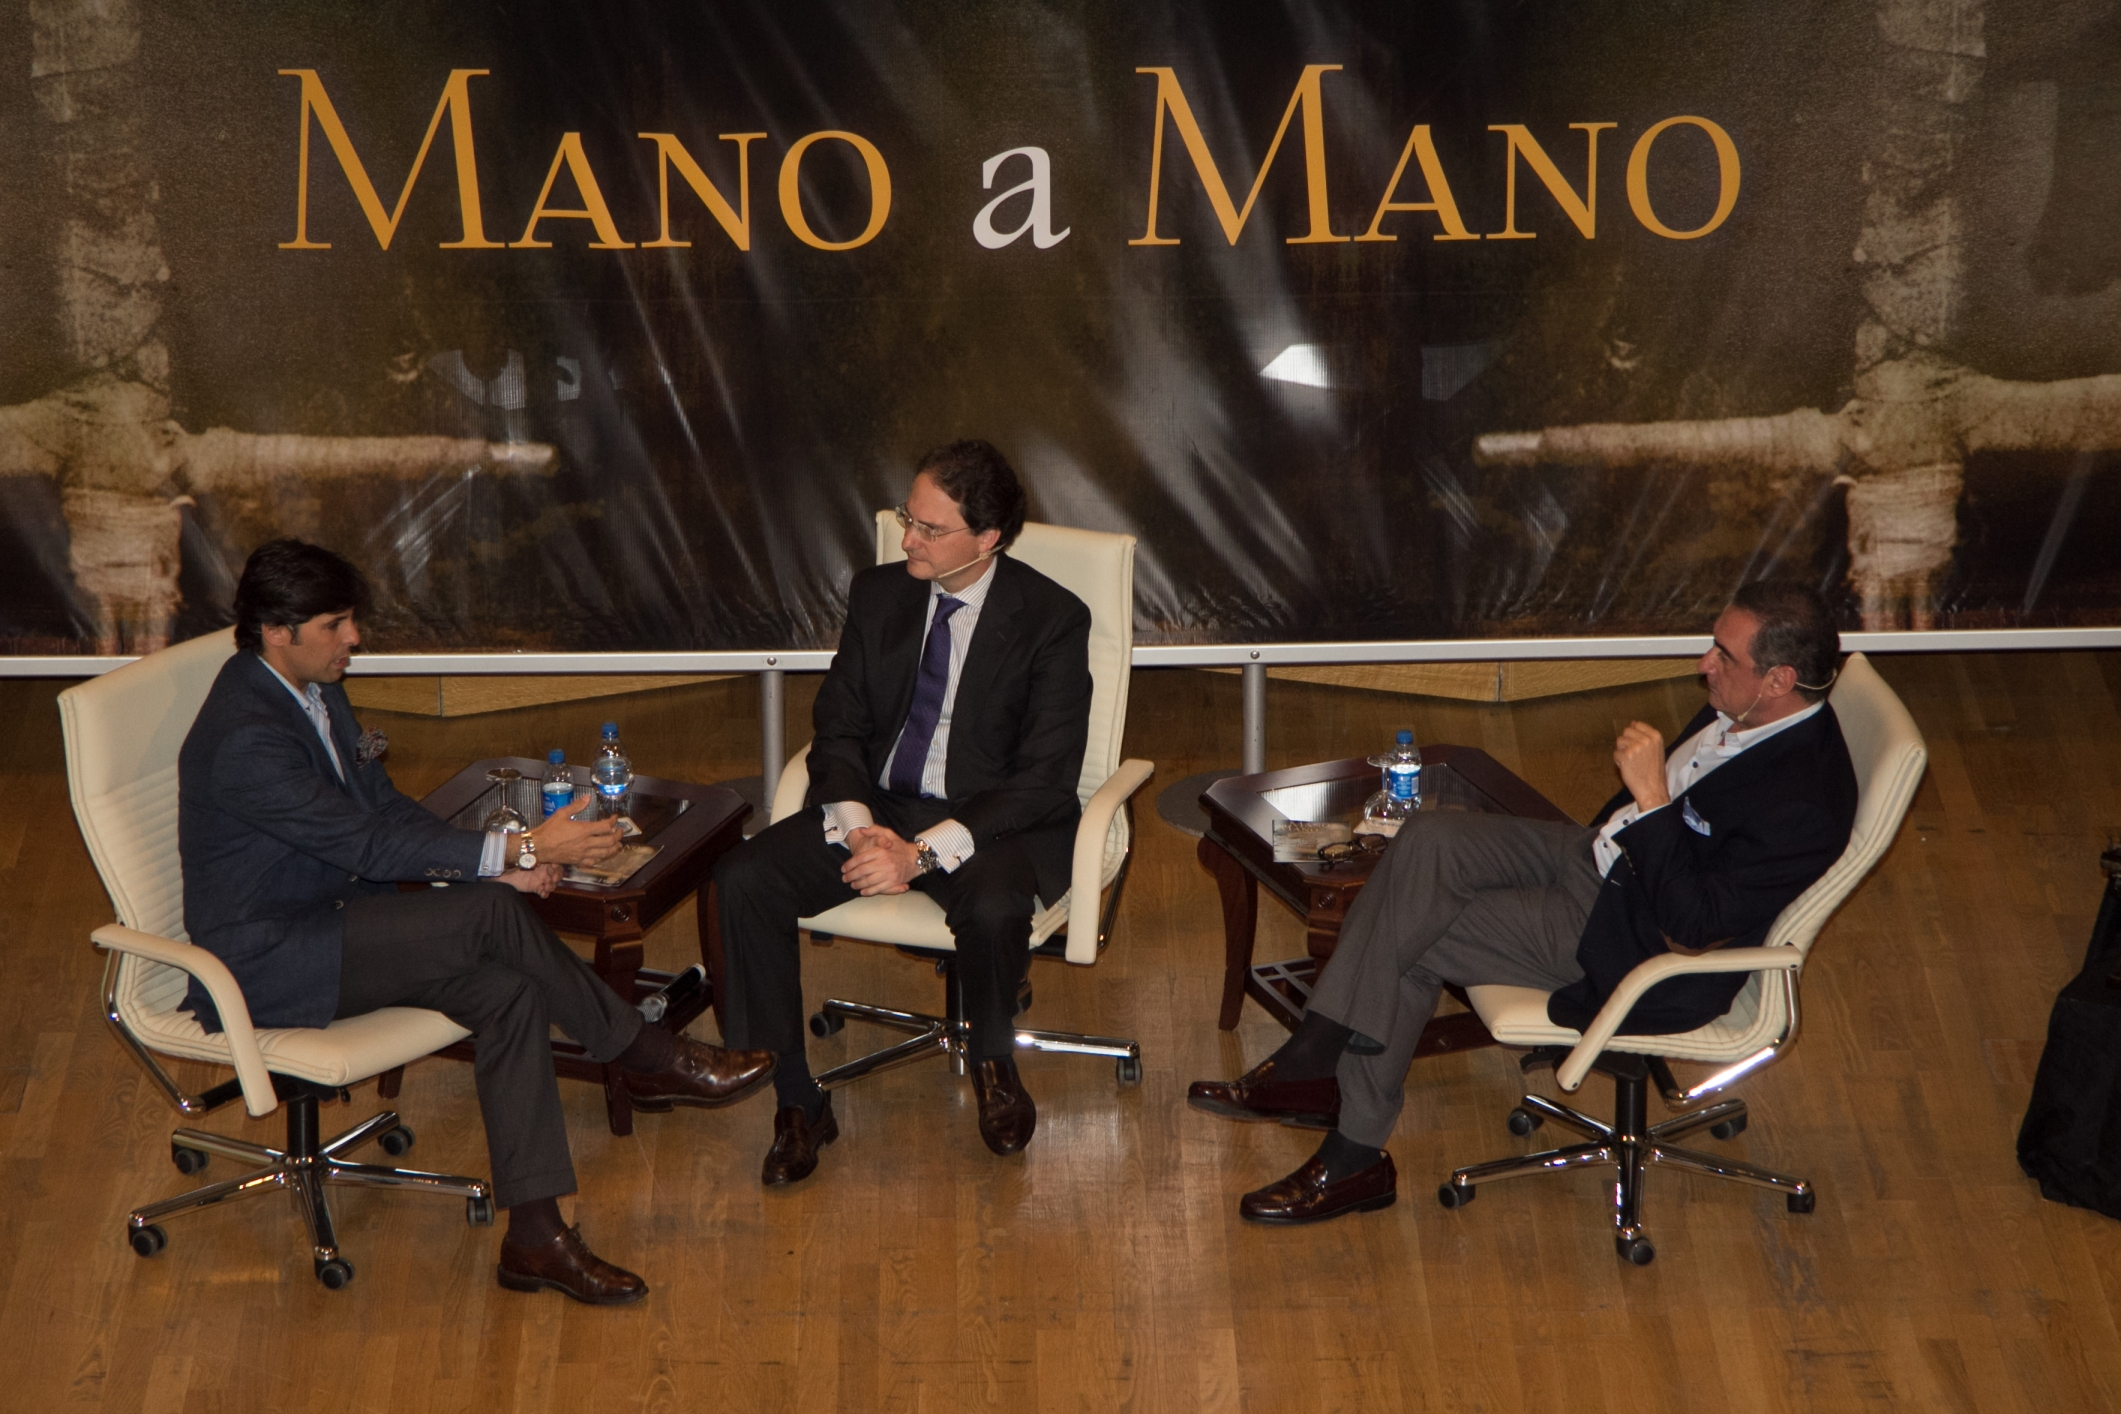 Mano a Mano, Carlos Herrera y Francisco Rivera